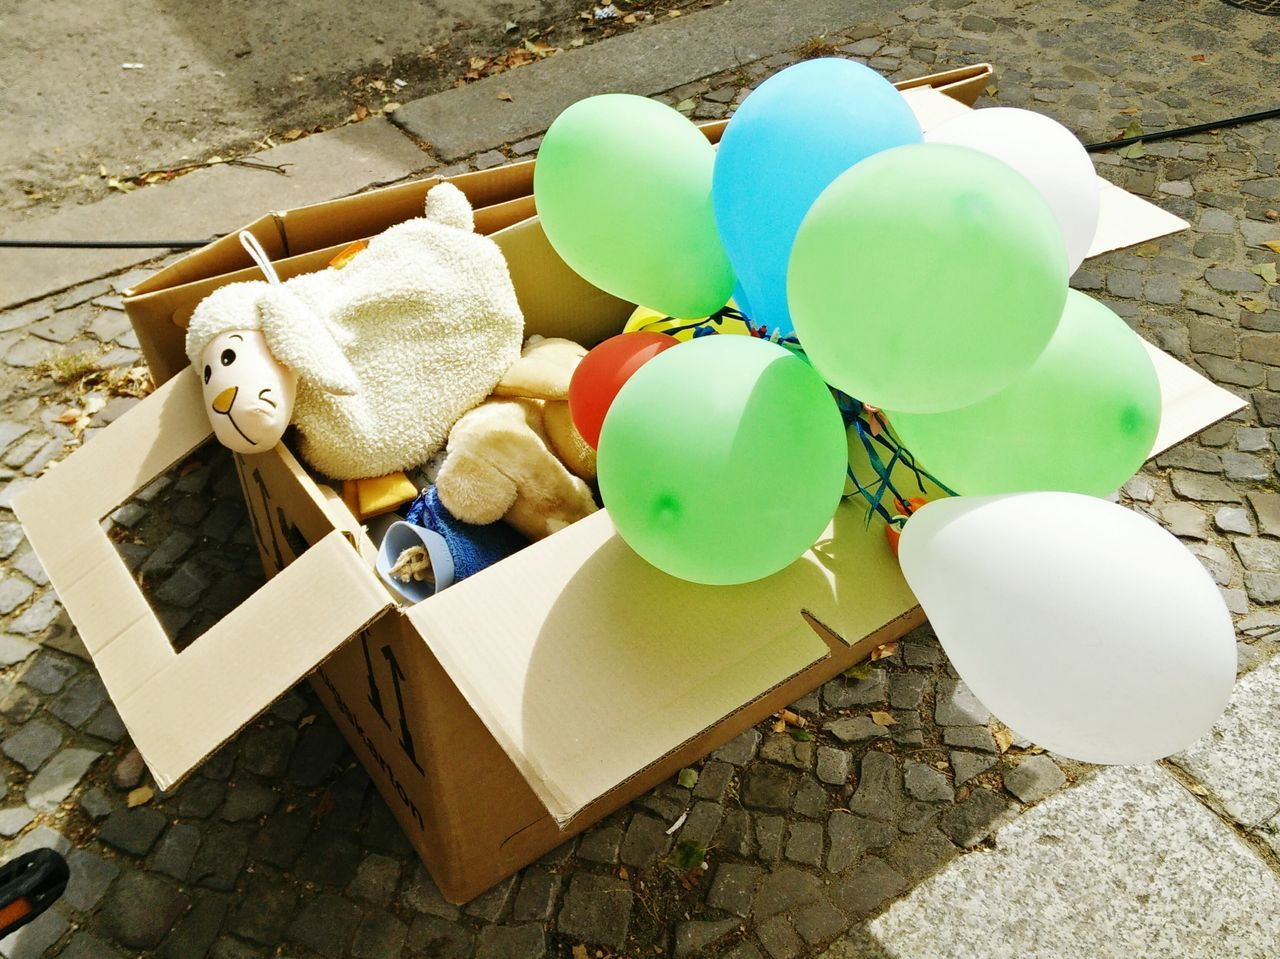 Unrat Dinge Fundsachen Found Items Balloons